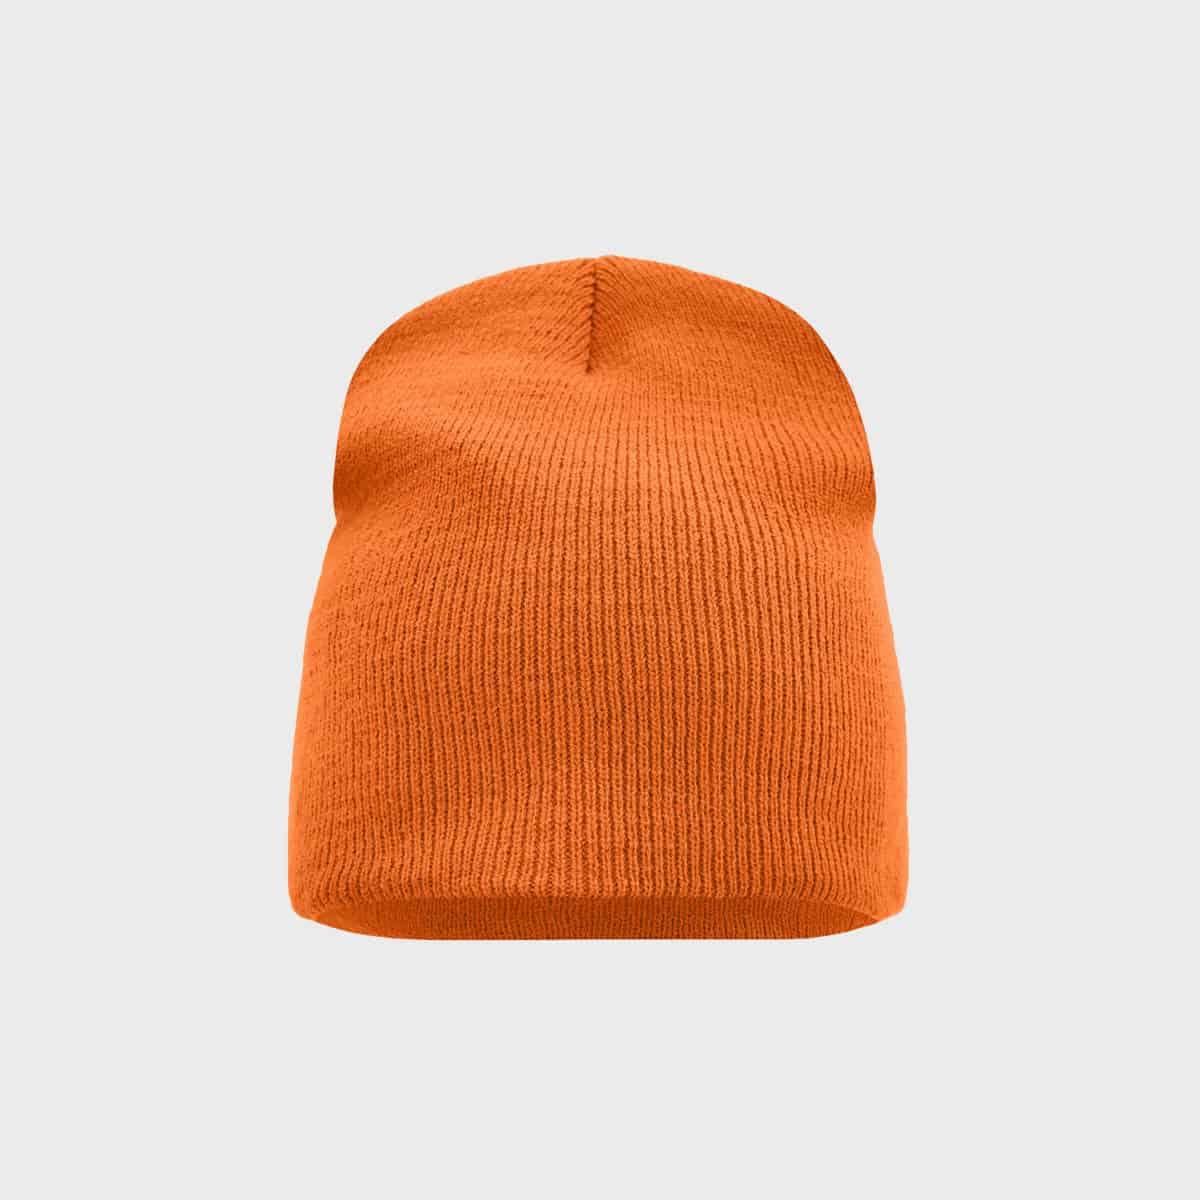 strickmütze-enganliegend-orange-kaufen-besticken_stickmanufaktur